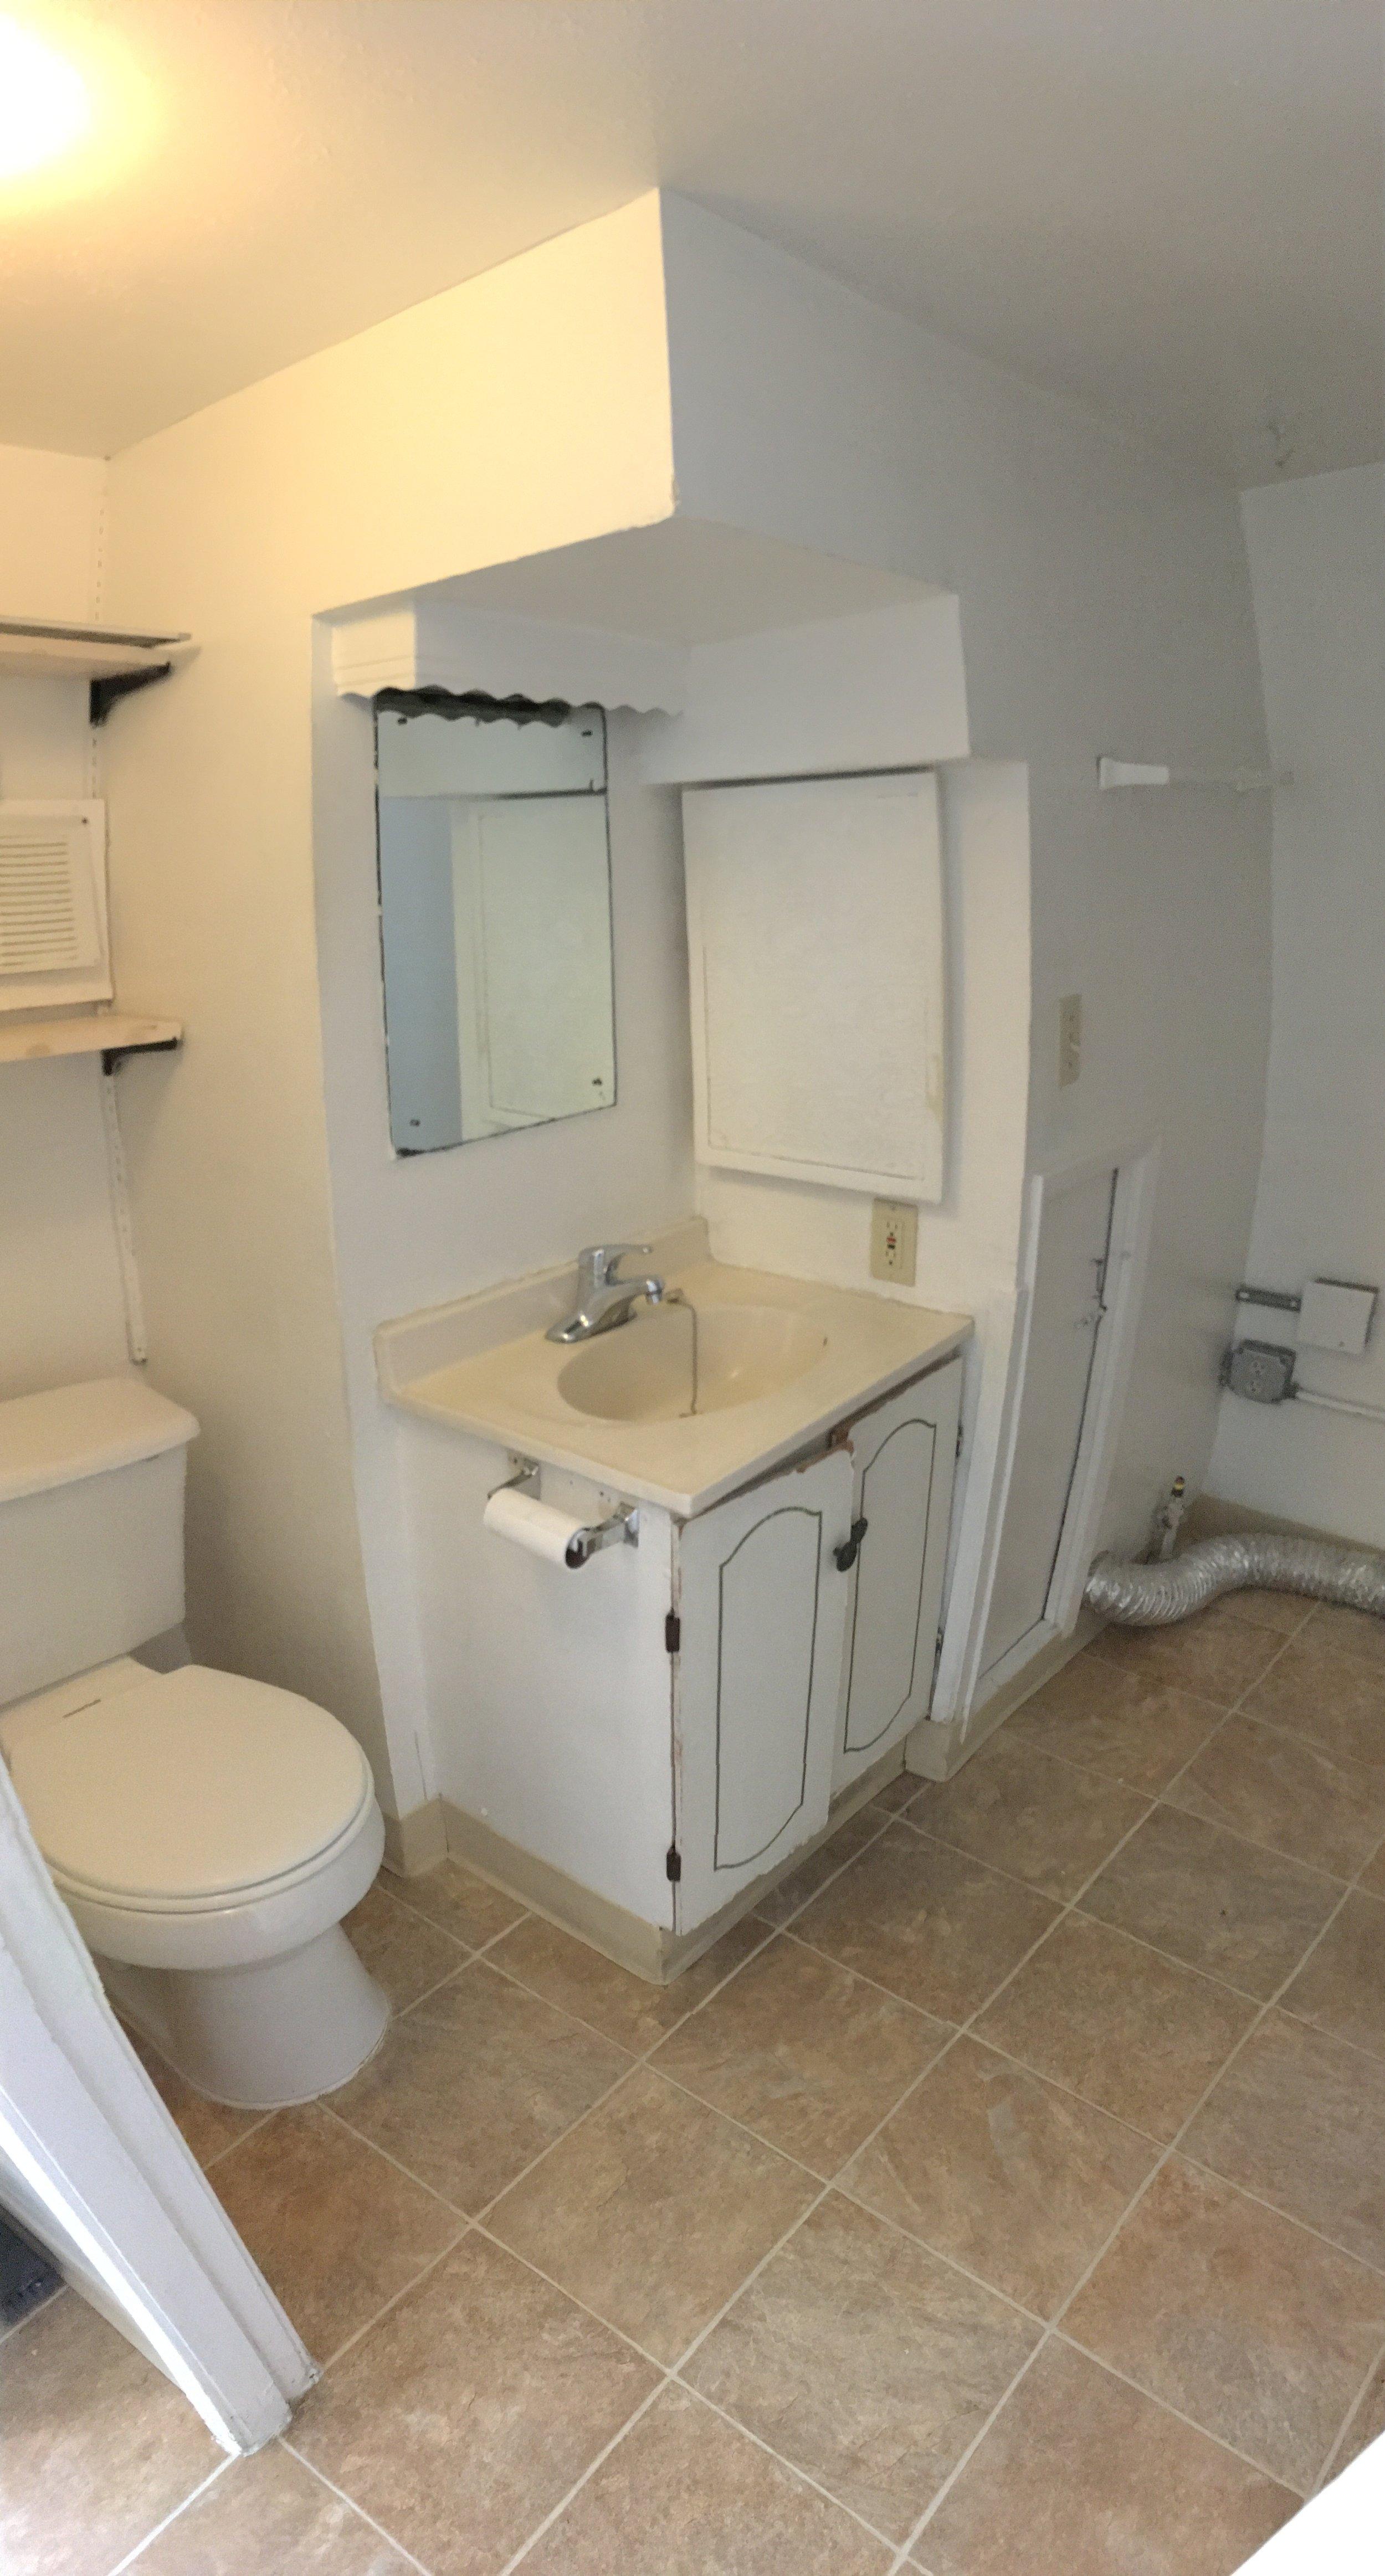 Rental Bathroom with Stairs Overhead_3.JPG